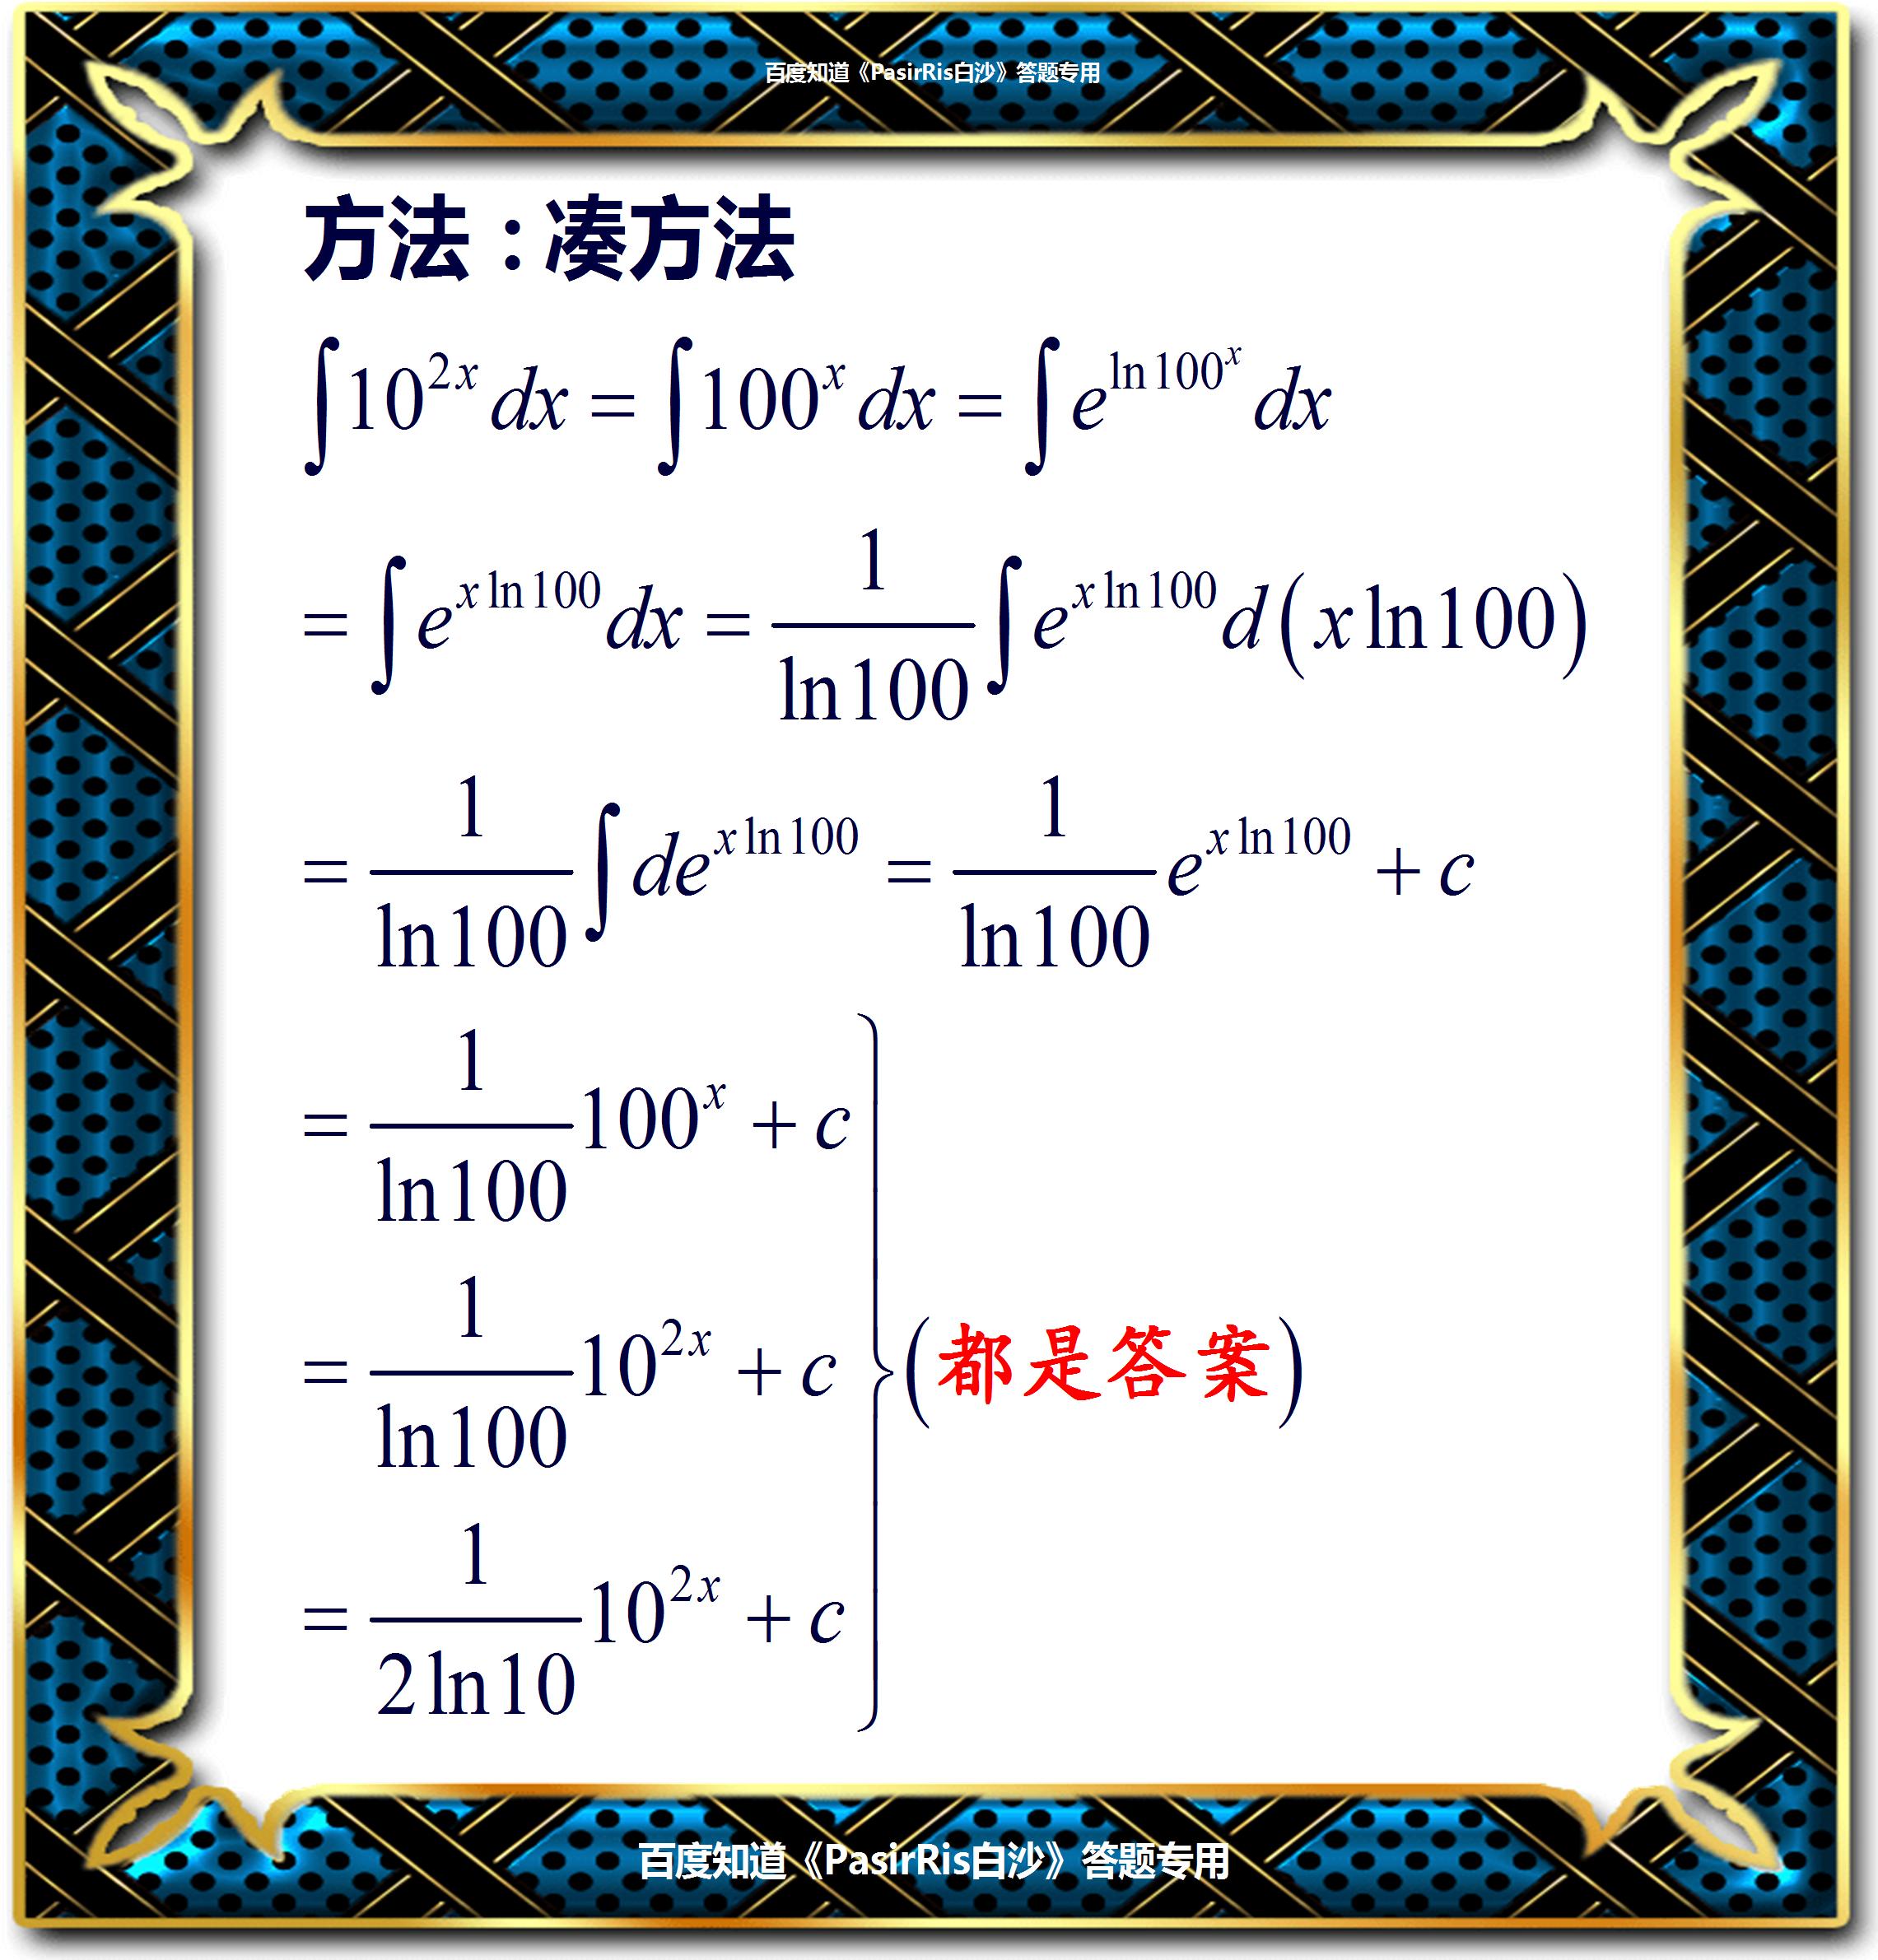 10的2x方等于25